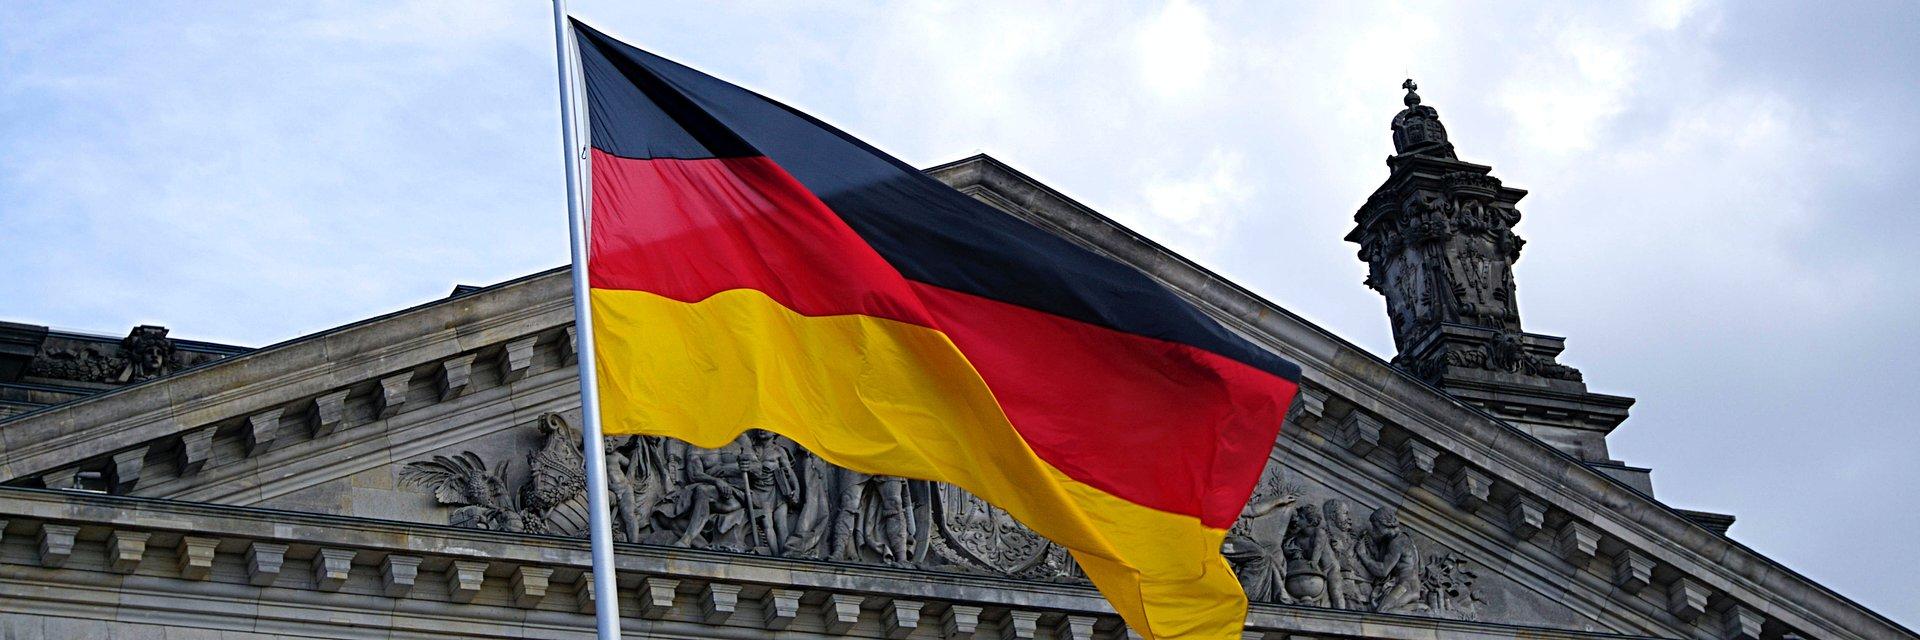 Znajomość języka niemieckiego gwarancją pracy w biznesie i IT